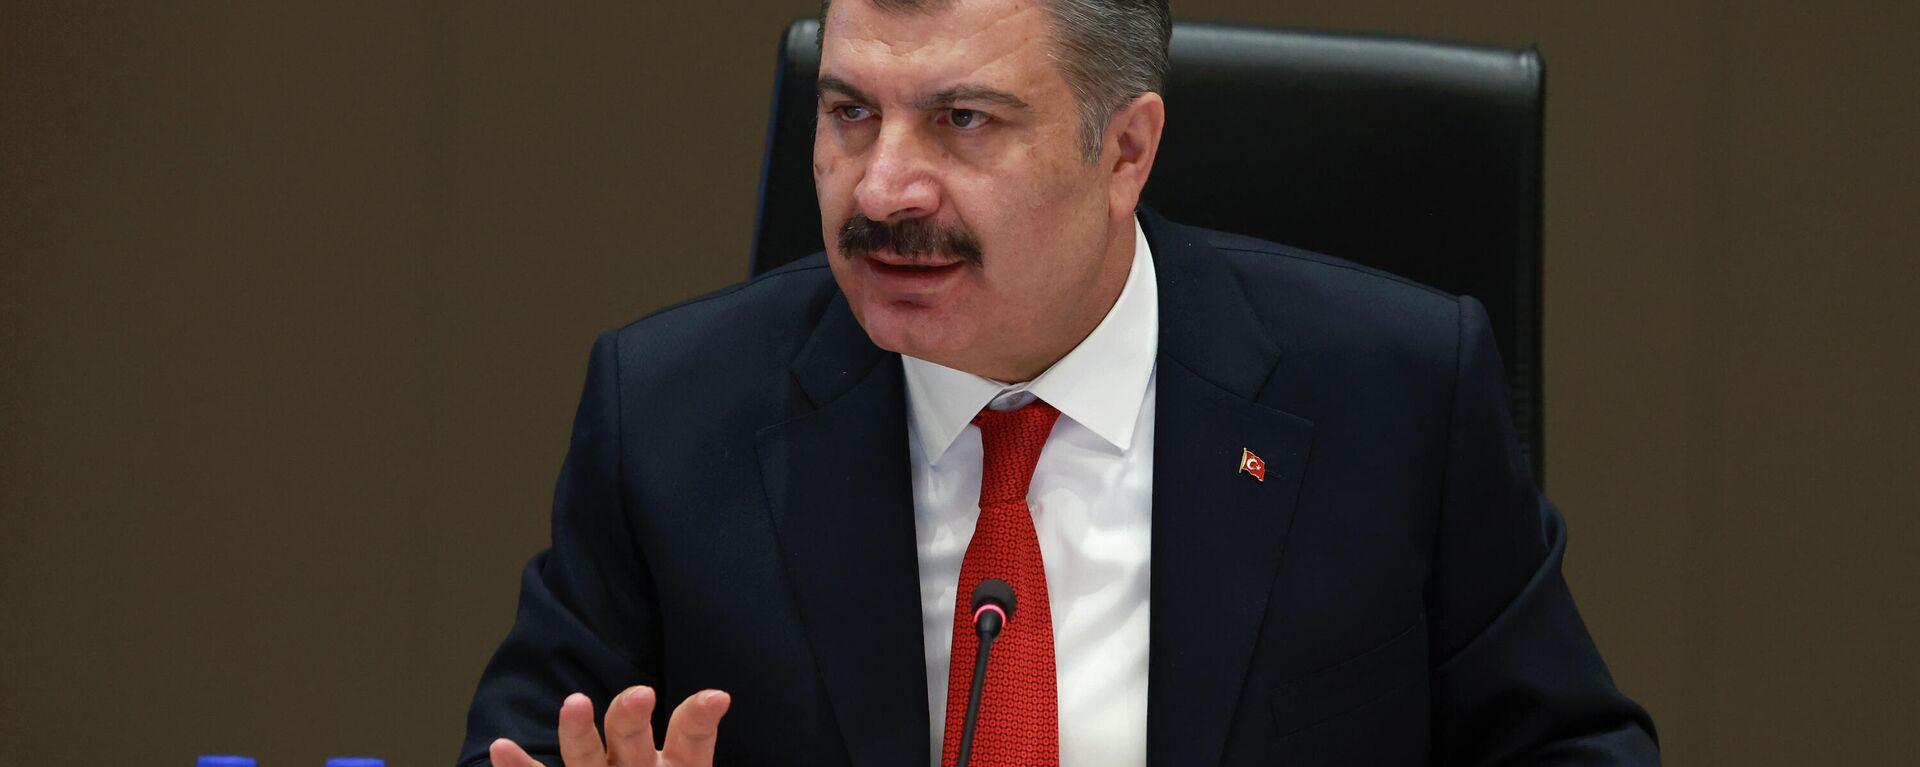 Sağlık Bakanı Fahrettin Koca - Sputnik Türkiye, 1920, 22.09.2021